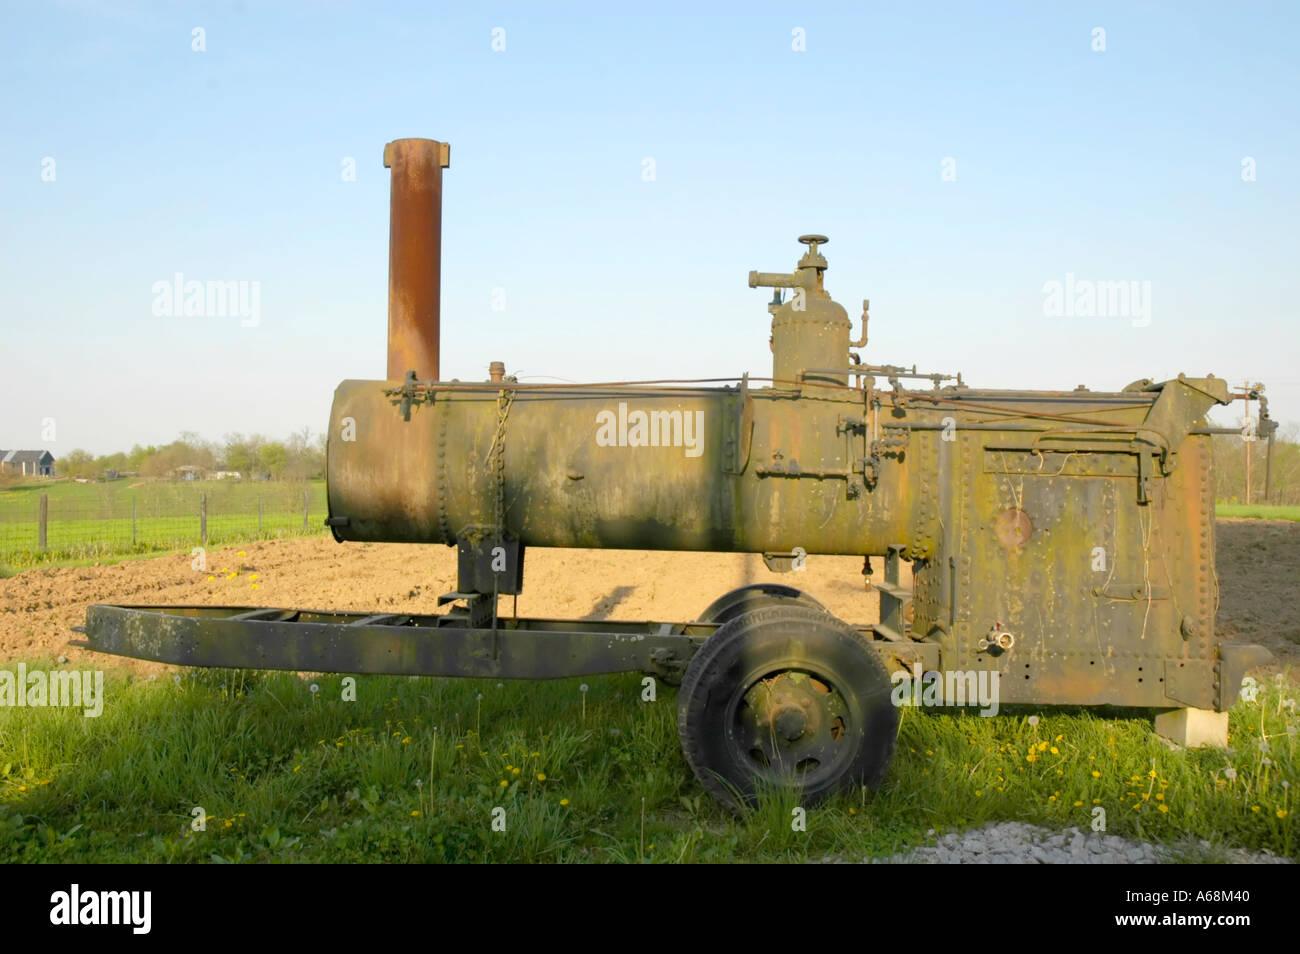 Vintage Boiler Stockfotos & Vintage Boiler Bilder - Alamy